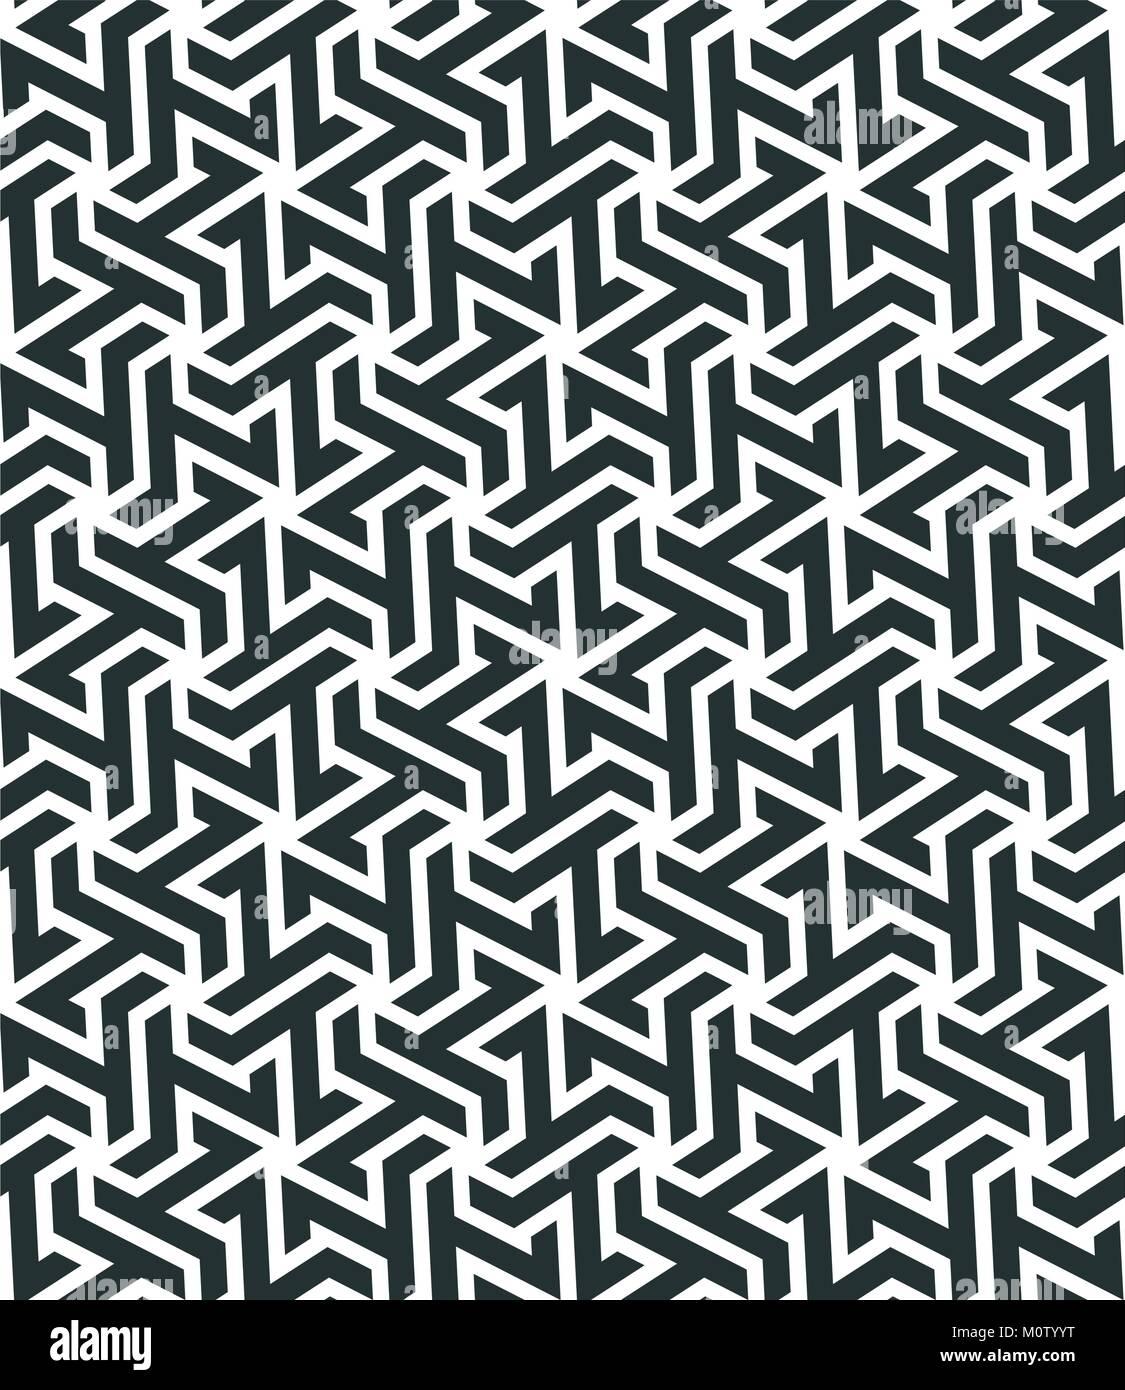 Modello Senza Cuciture Con Geometrica Tassellazione Stile Mosaico